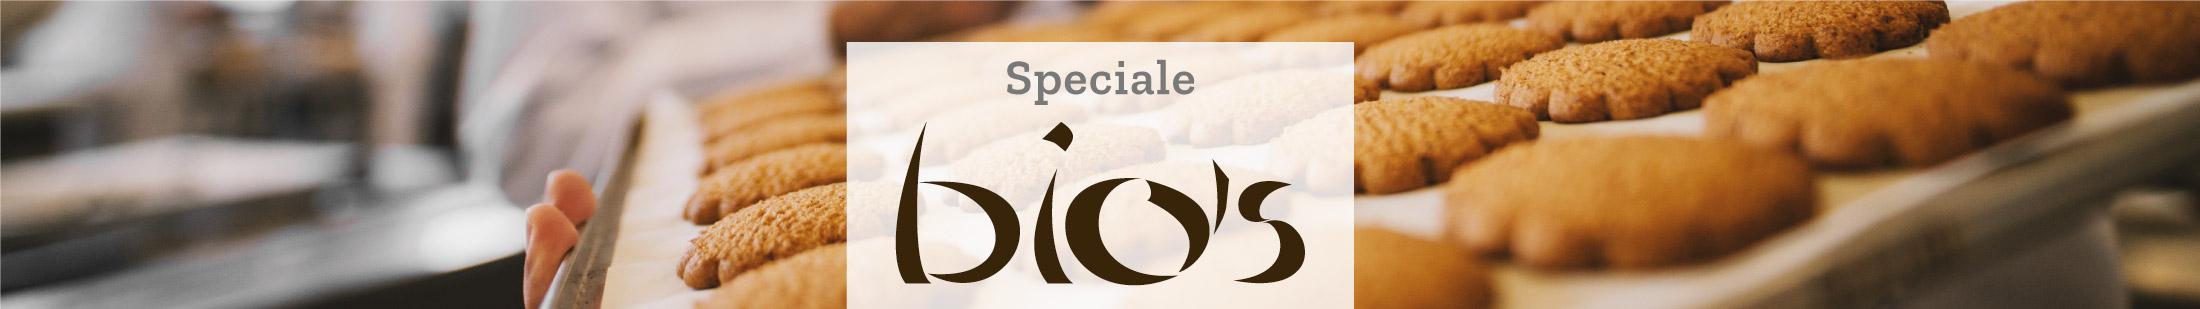 Speciale Bios